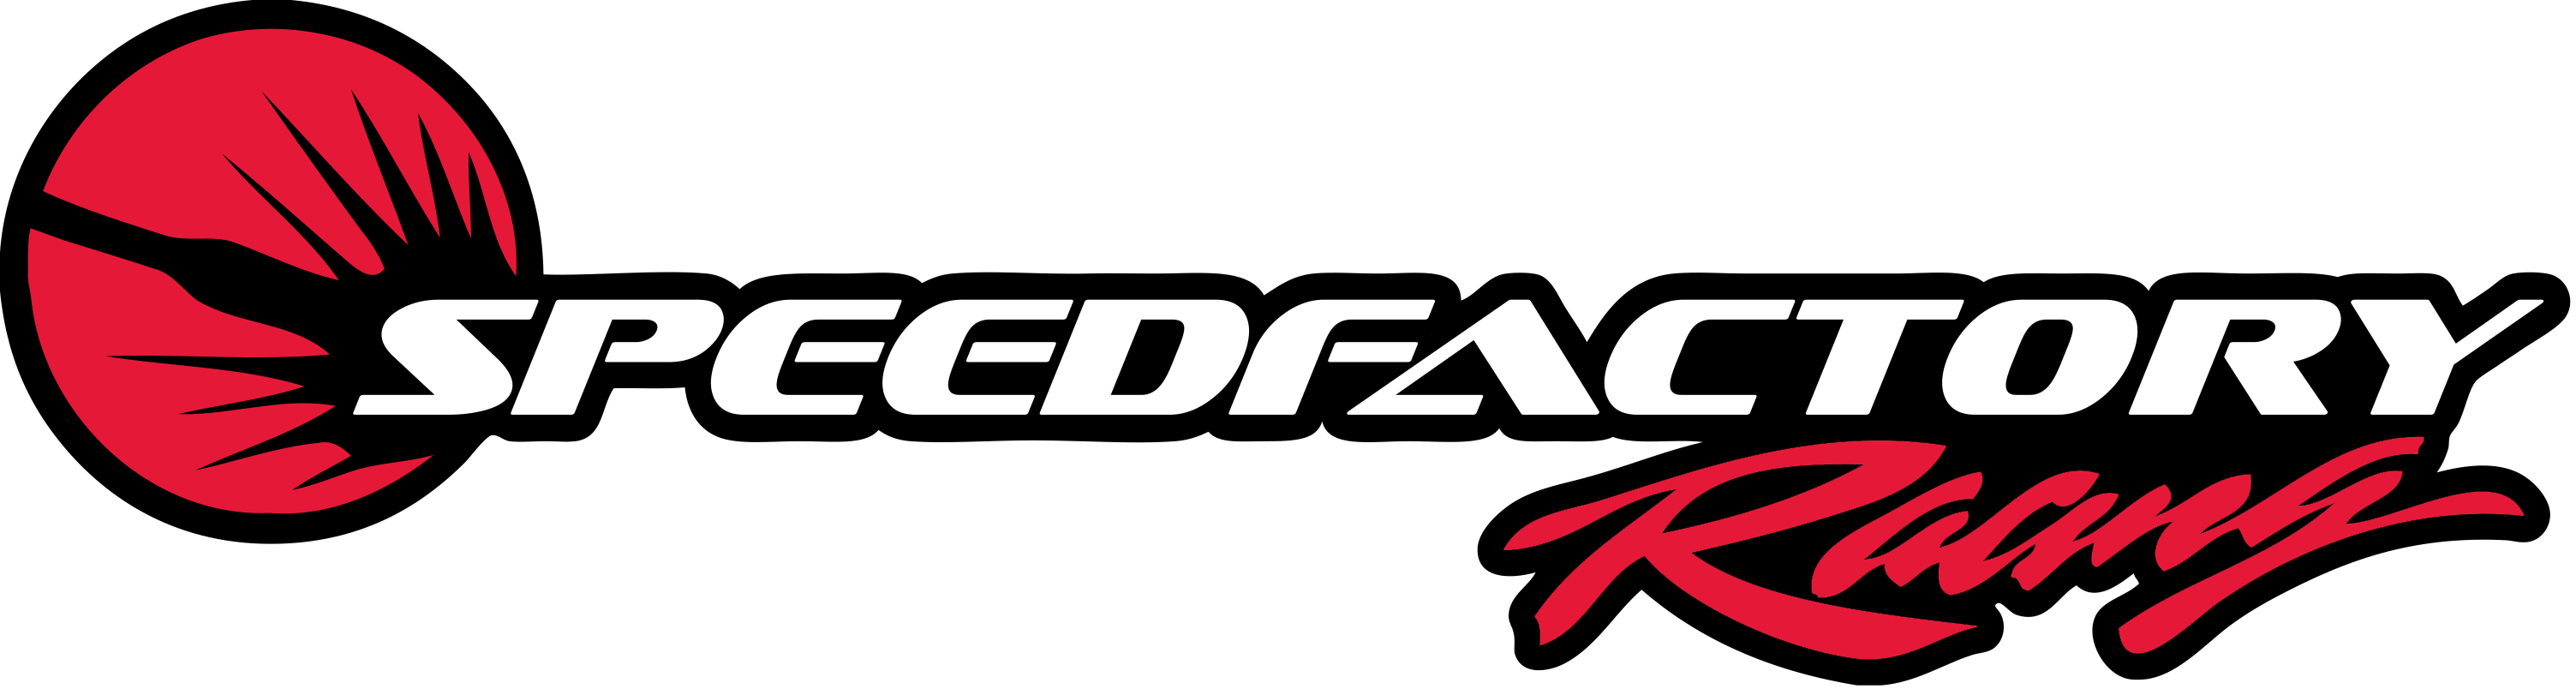 SpeedFactory Racing Tuning